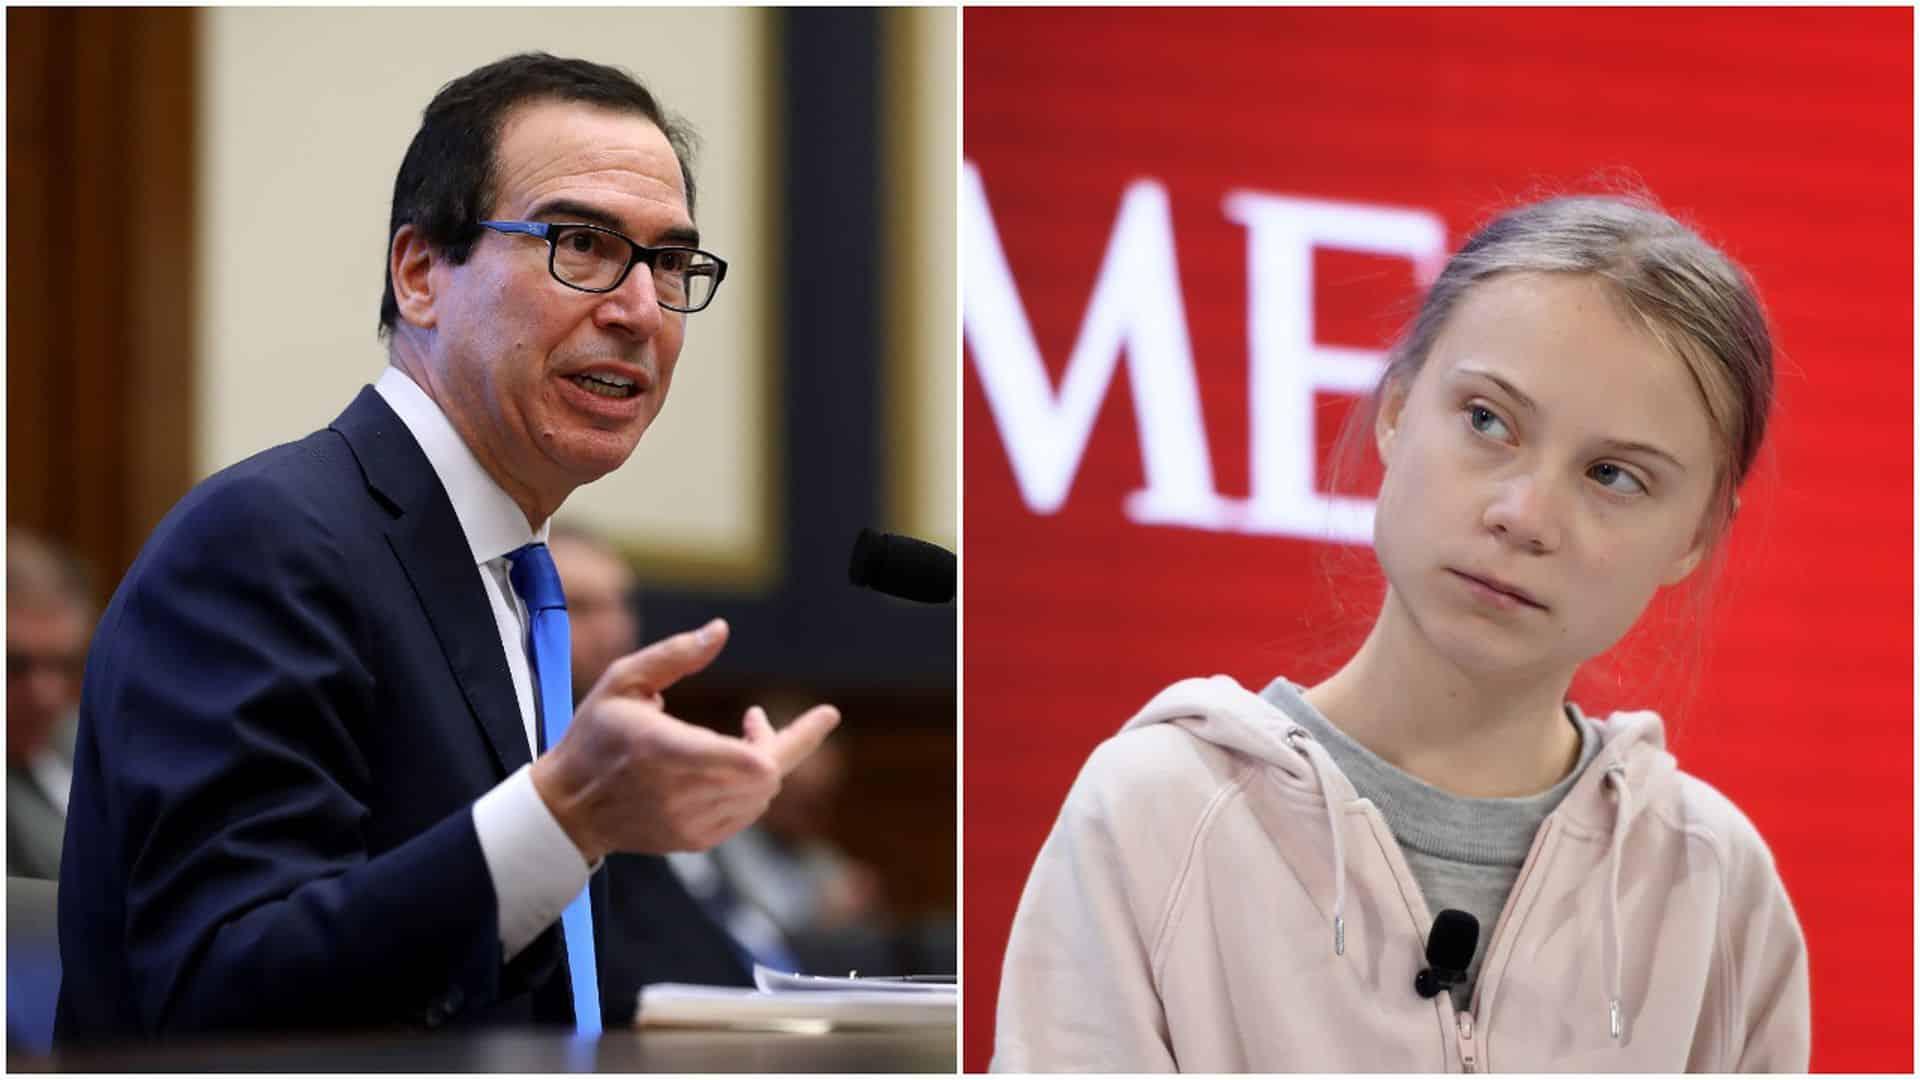 Greta Thunberg rebuked in Davos